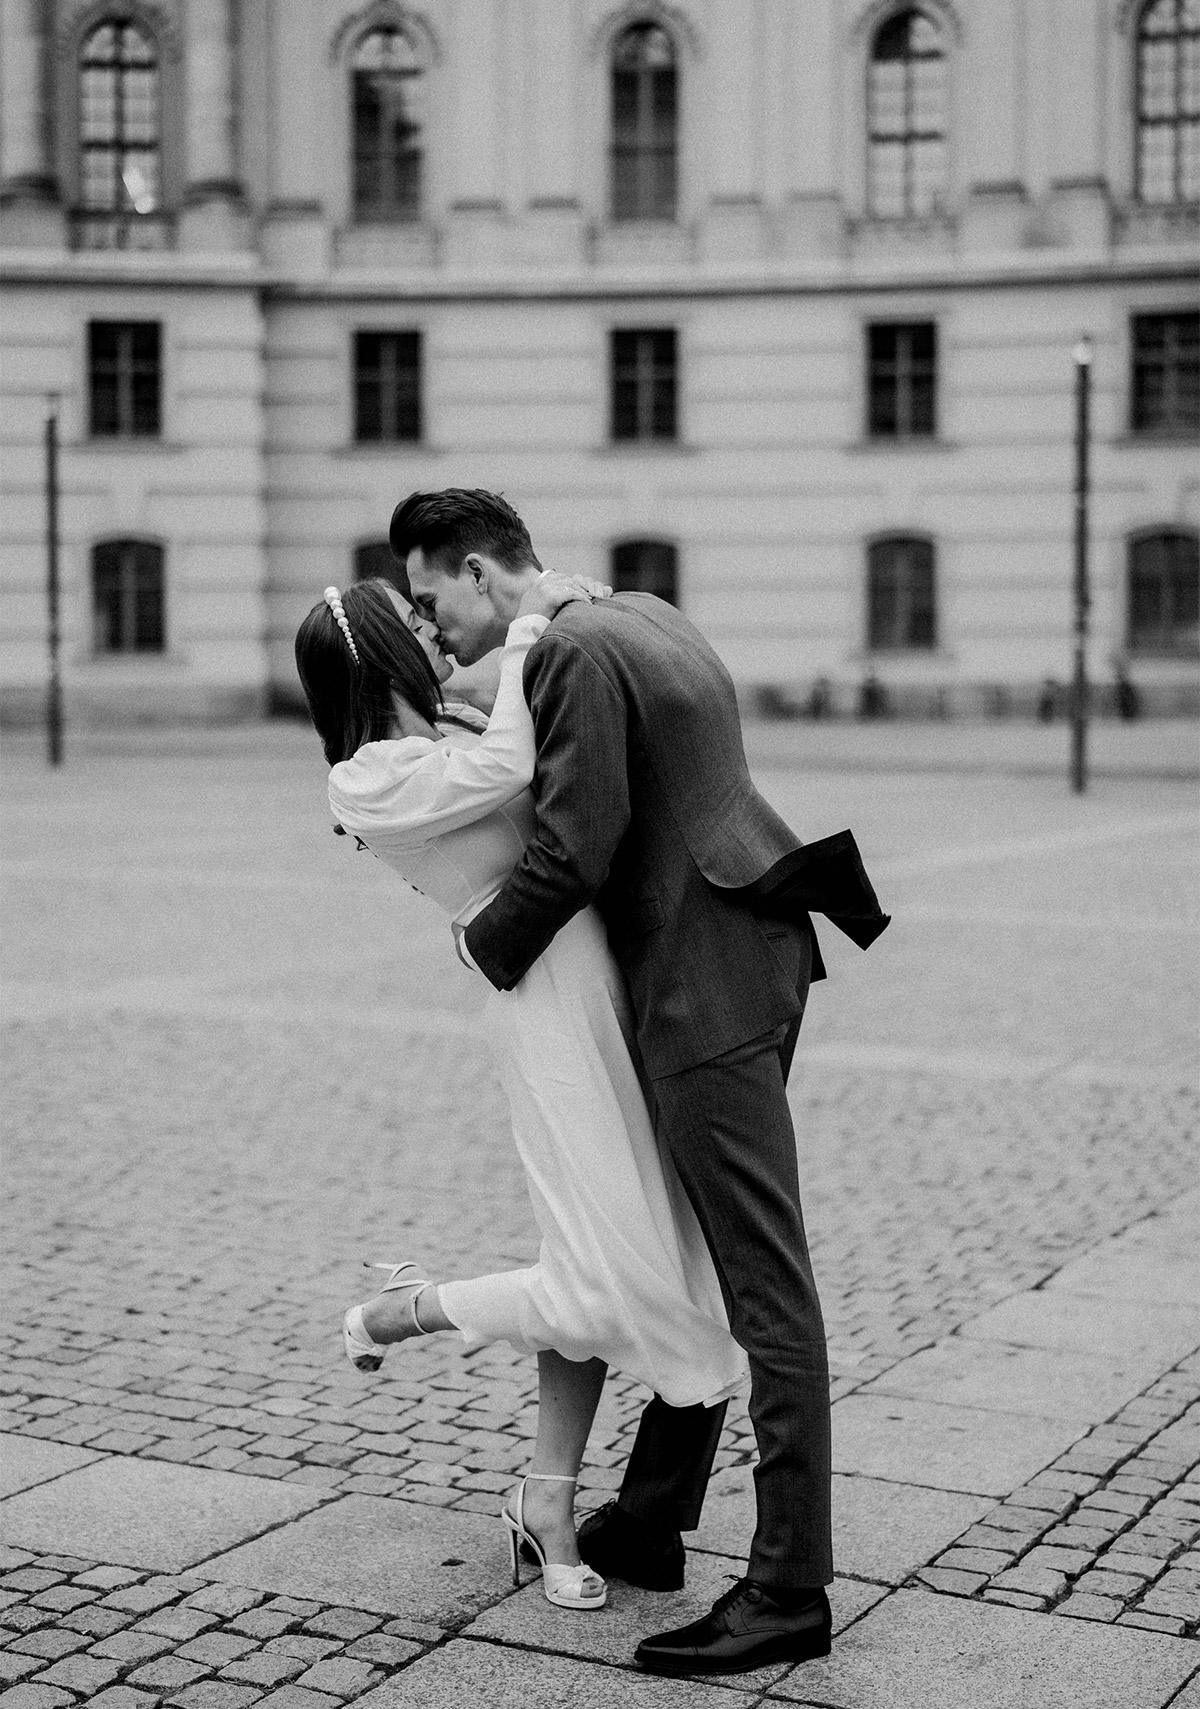 Winterhochzeit Standesamt Fotoshoting: Hochzeitsfoto Idee nach dem standesamtlichen Heiraten im Rathaus Schmargendorf. Das Elopement Paar ist in einen romantischen Kuss vertieft. © www.hochzeitslicht.de #hochzeitslicht